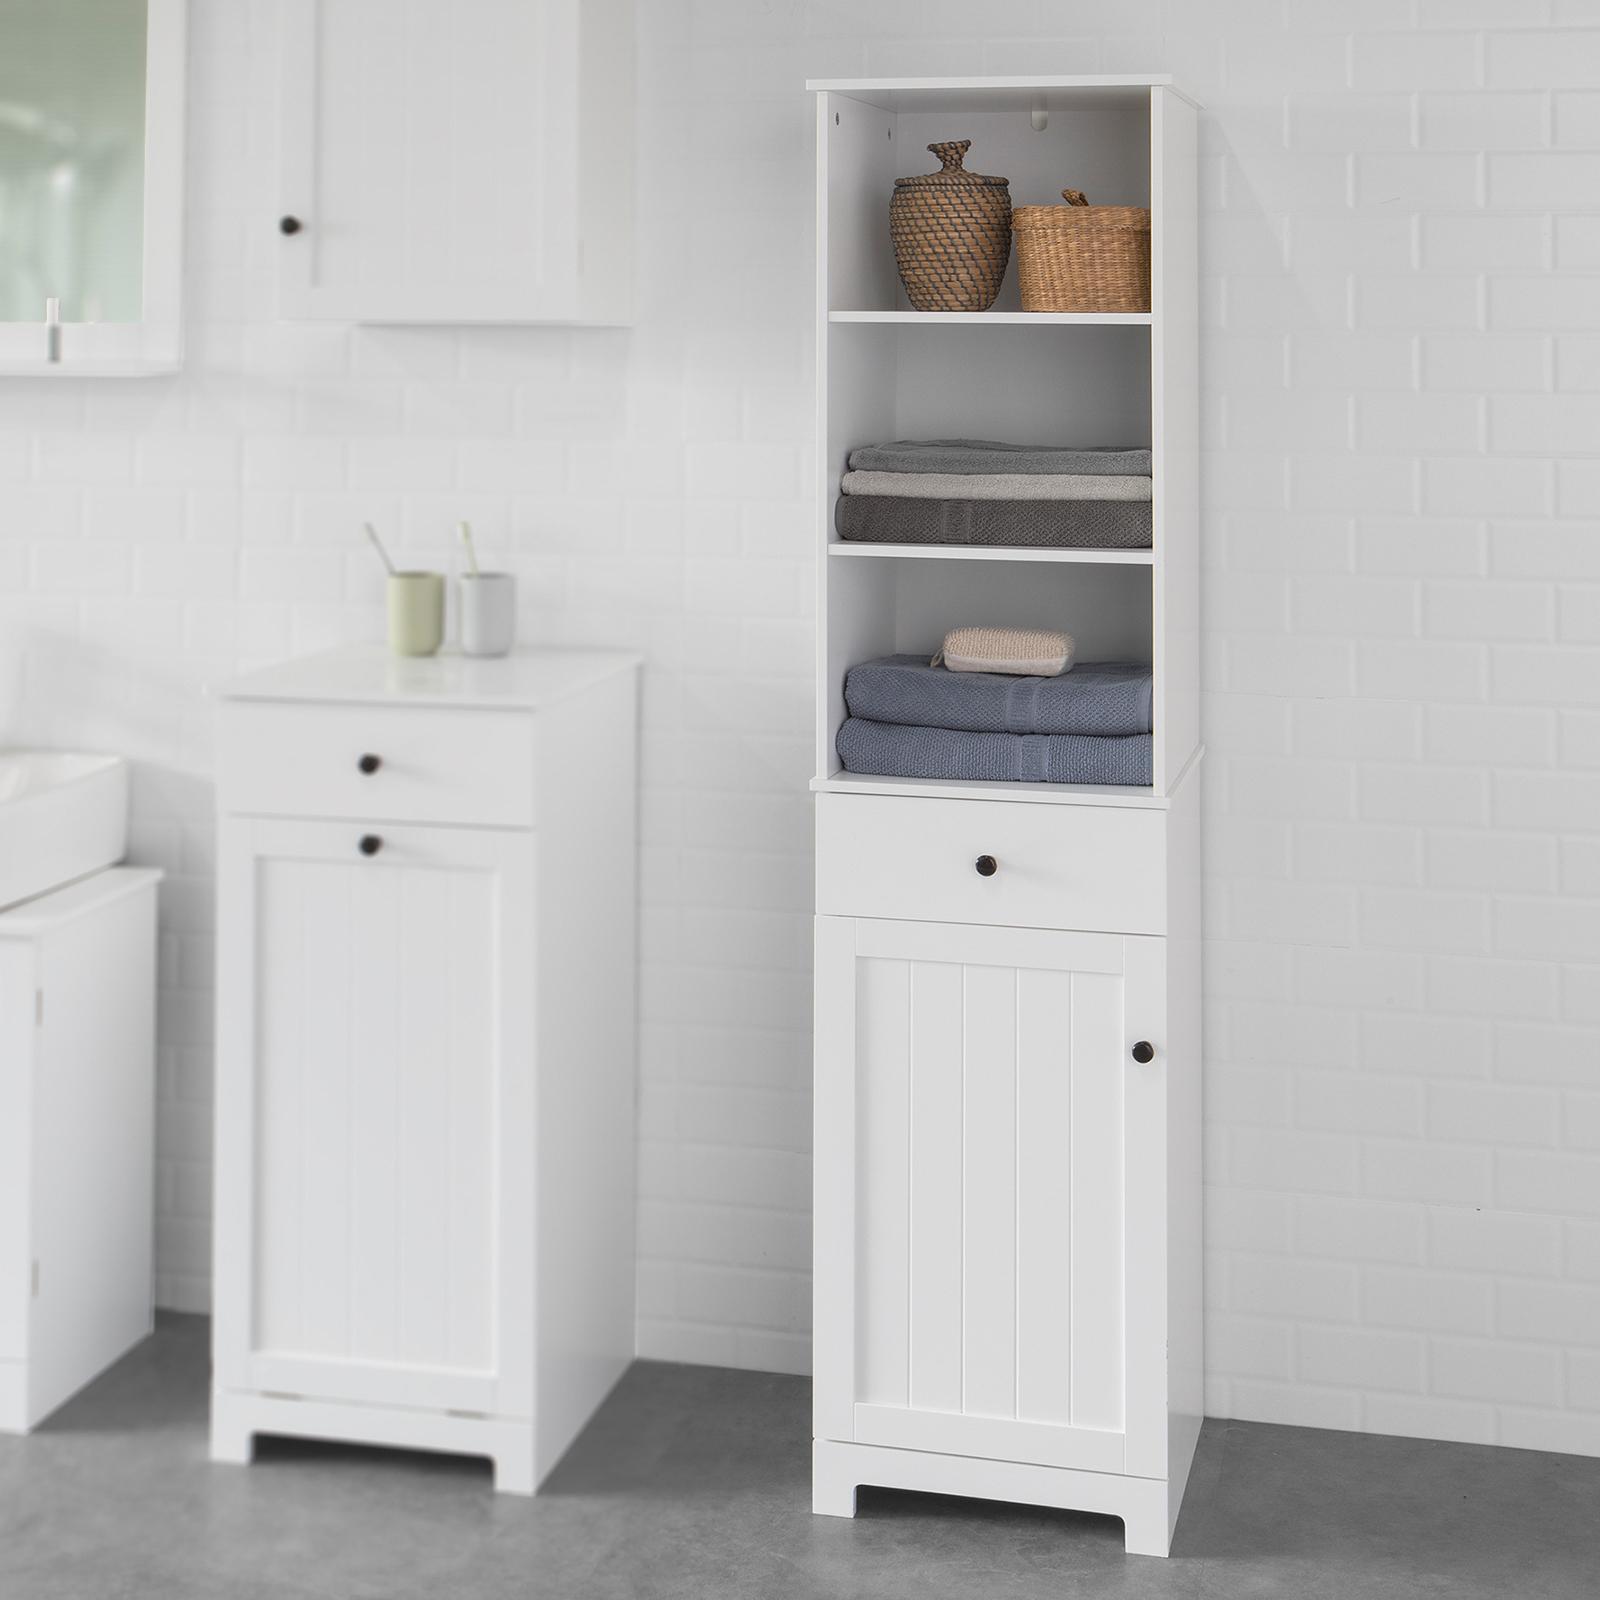 Badschrank Mit Wäschekorb In Weiß Hochglanz Lackiert